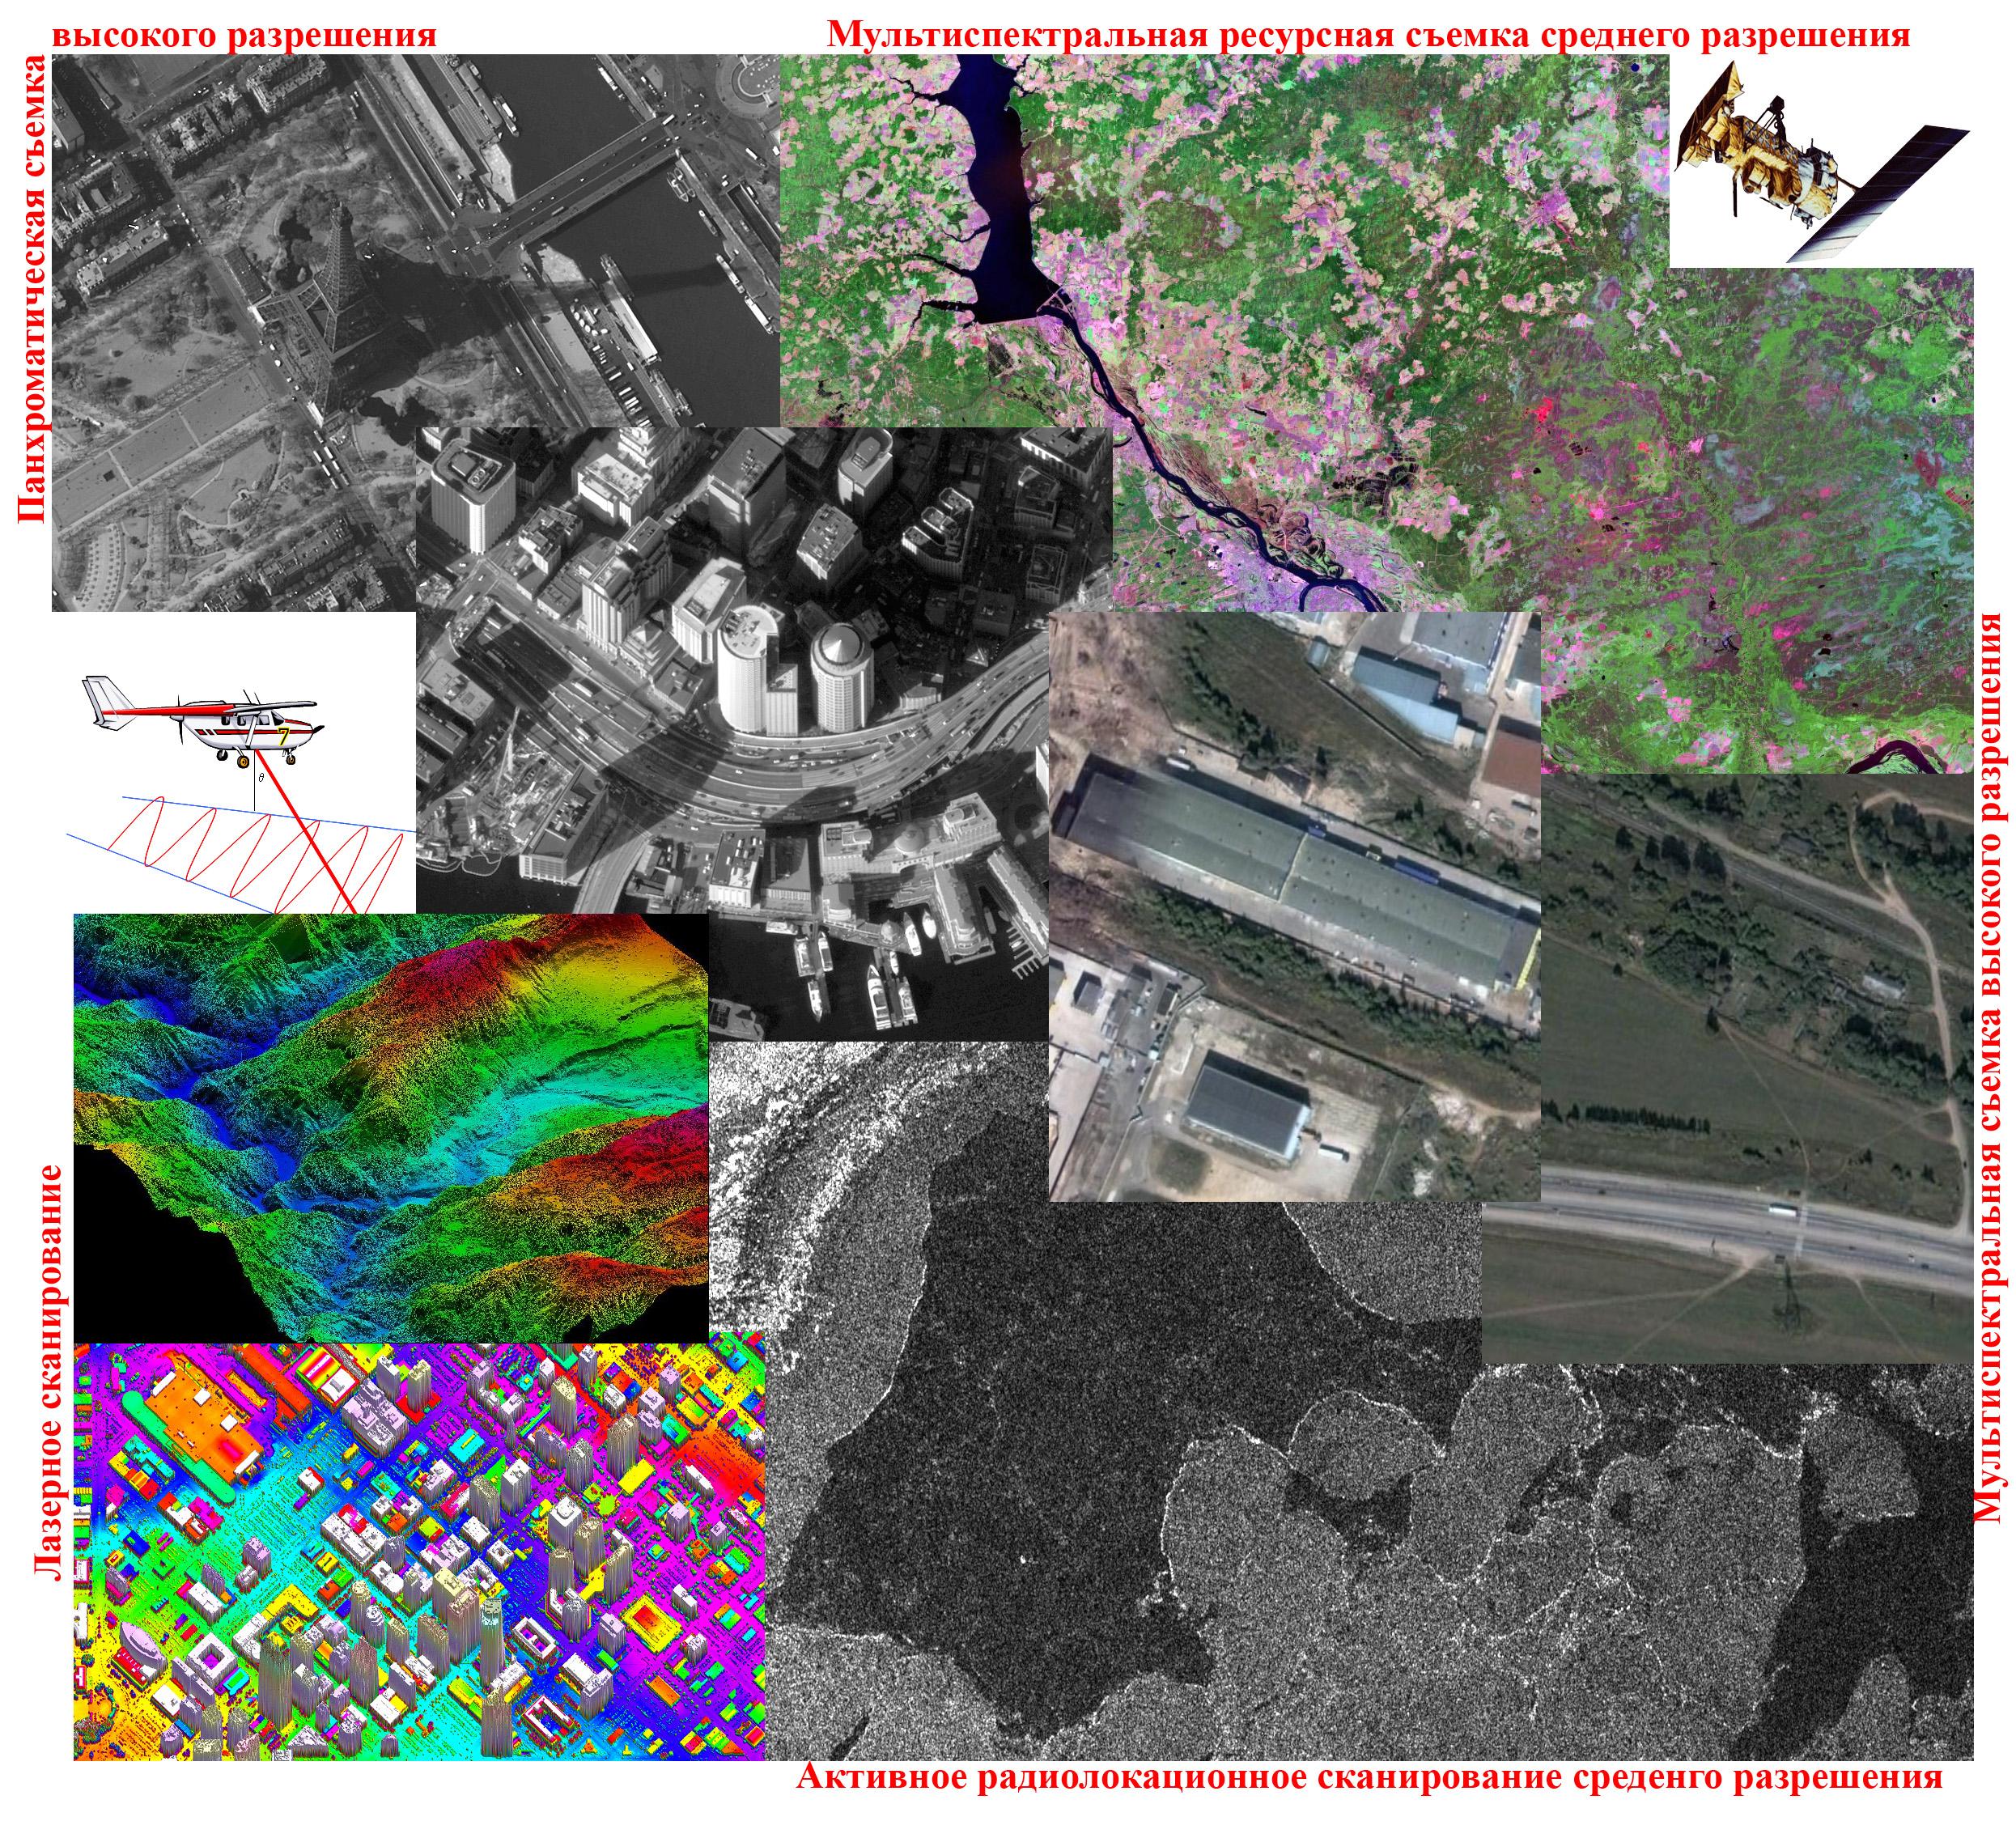 Рис. 286. Разные данные дистанционного зондировании Земли, сделанные различными сенсорами